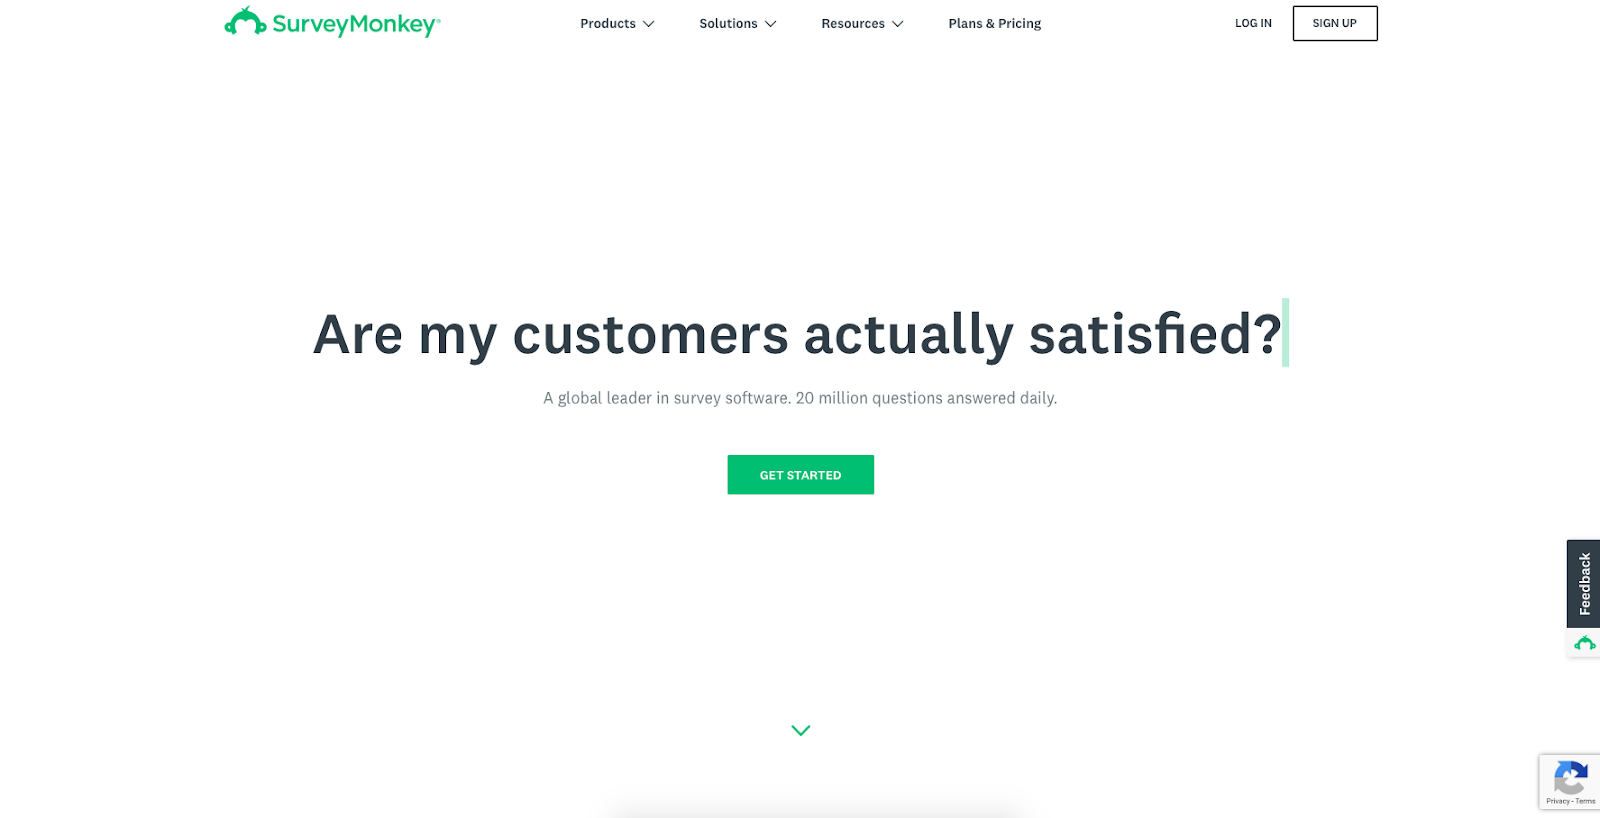 Survey Monkey